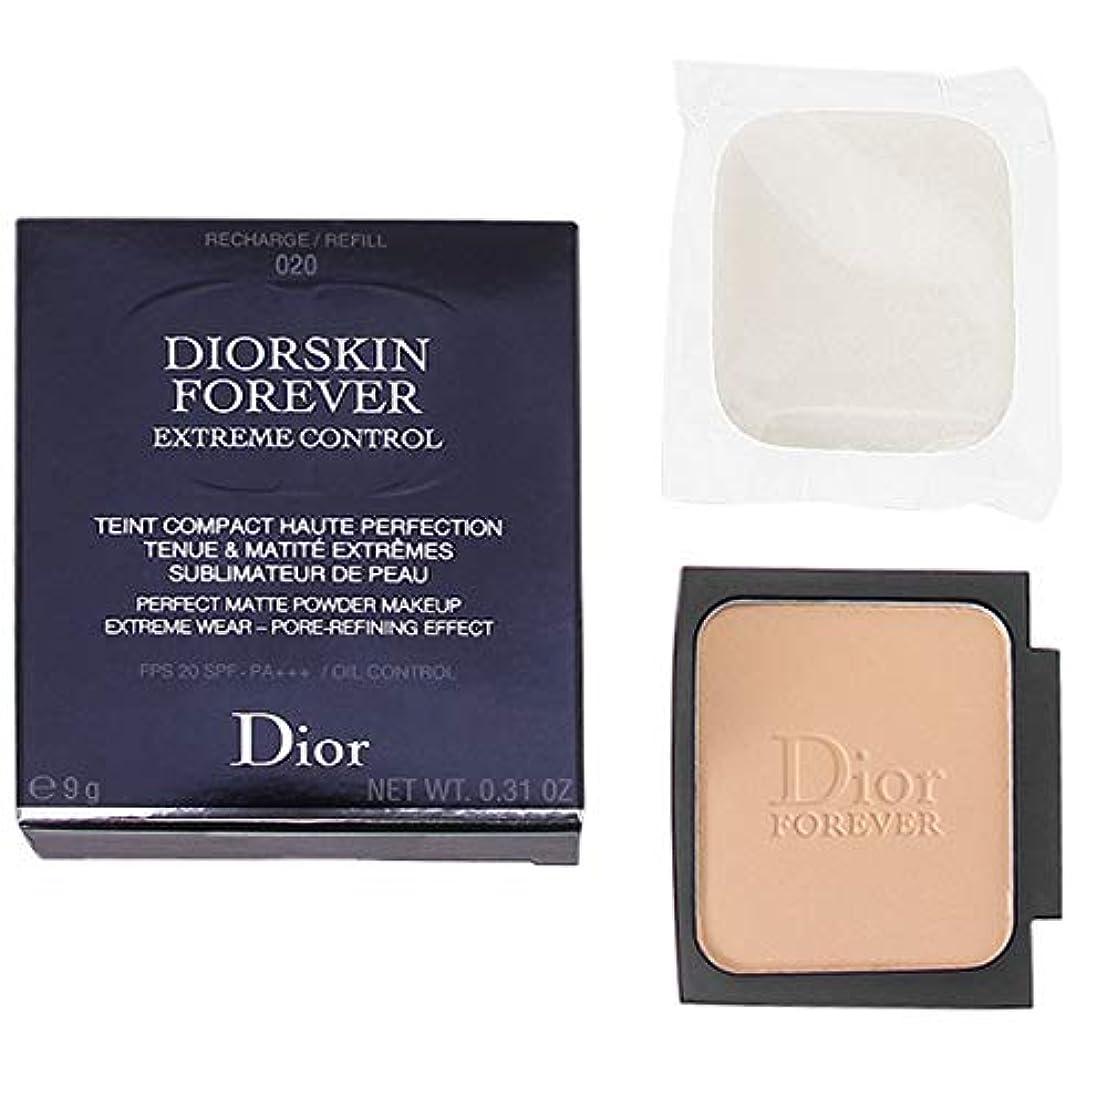 ハブブおめでとうによってクリスチャンディオール Christian Dior ディオールスキン フォーエヴァー コンパクト エクストレム コントロール SPF20/PA+++ 【レフィル】 020 ライトベージュ (在庫) [並行輸入品]